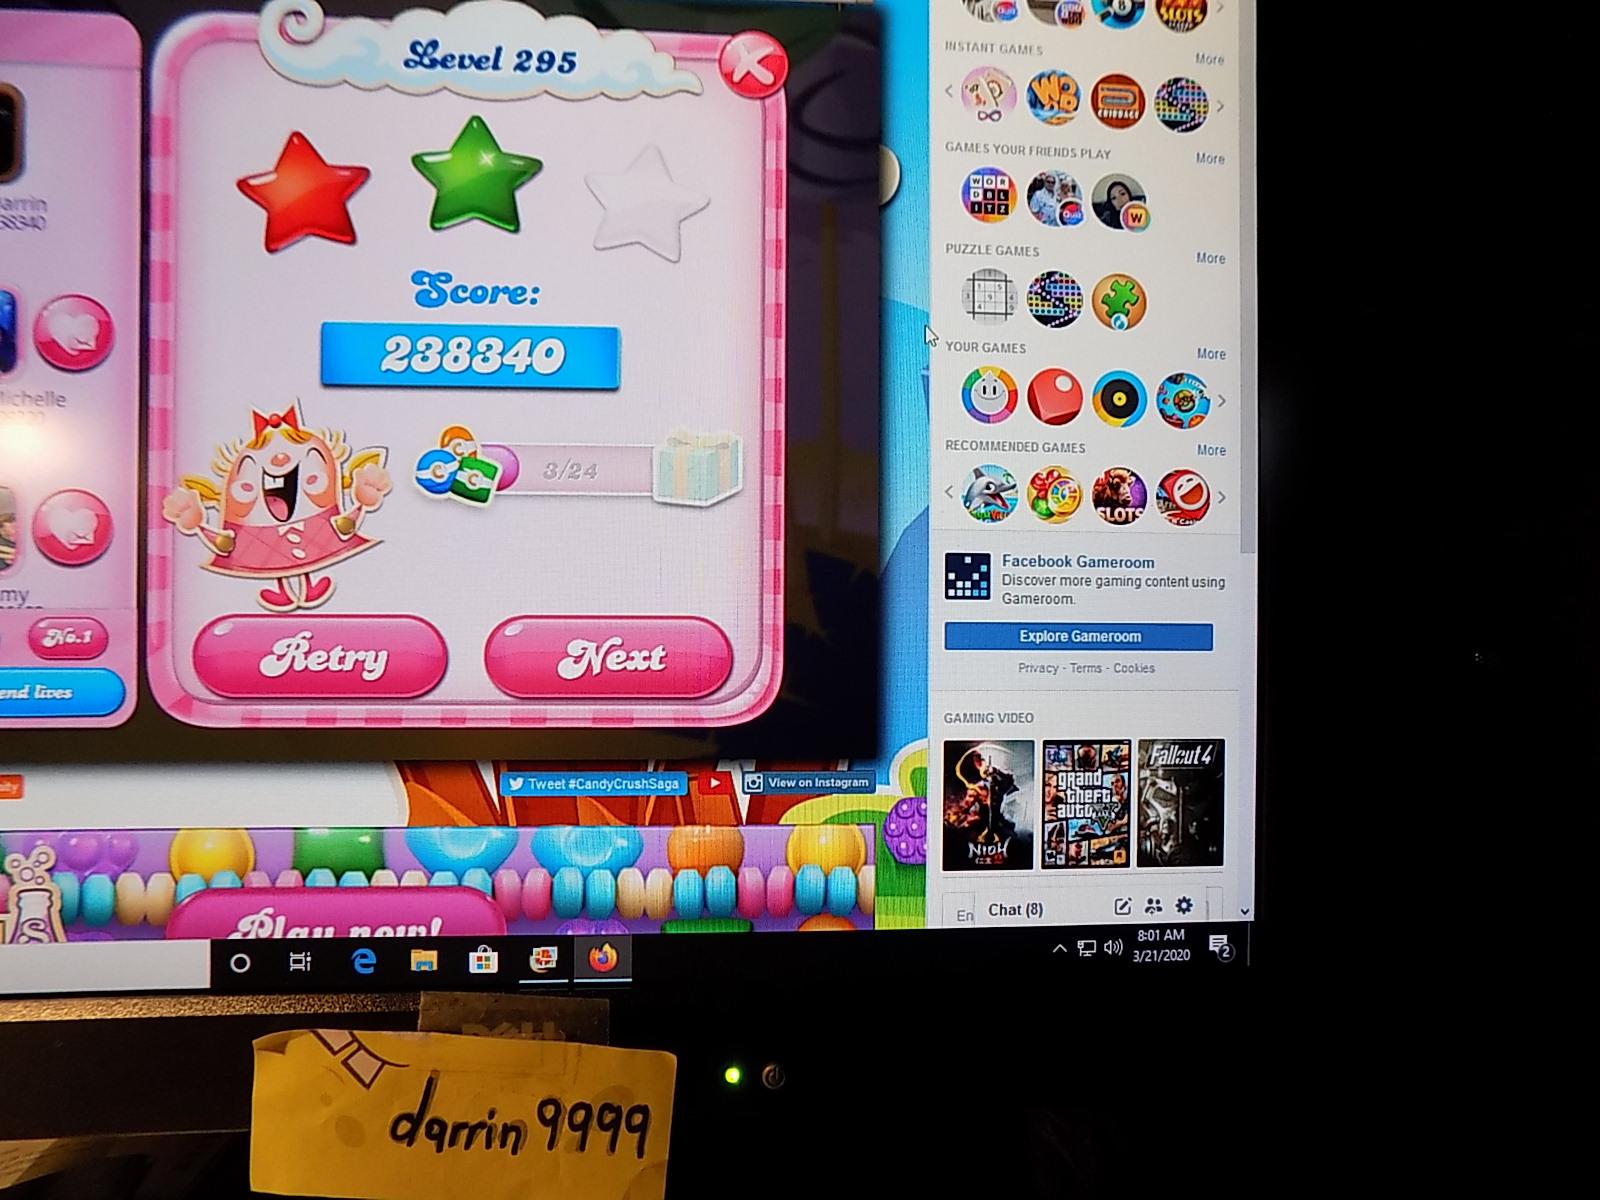 darrin9999: Candy Crush Saga: Level 295 (Web) 238,340 points on 2020-05-10 07:04:45